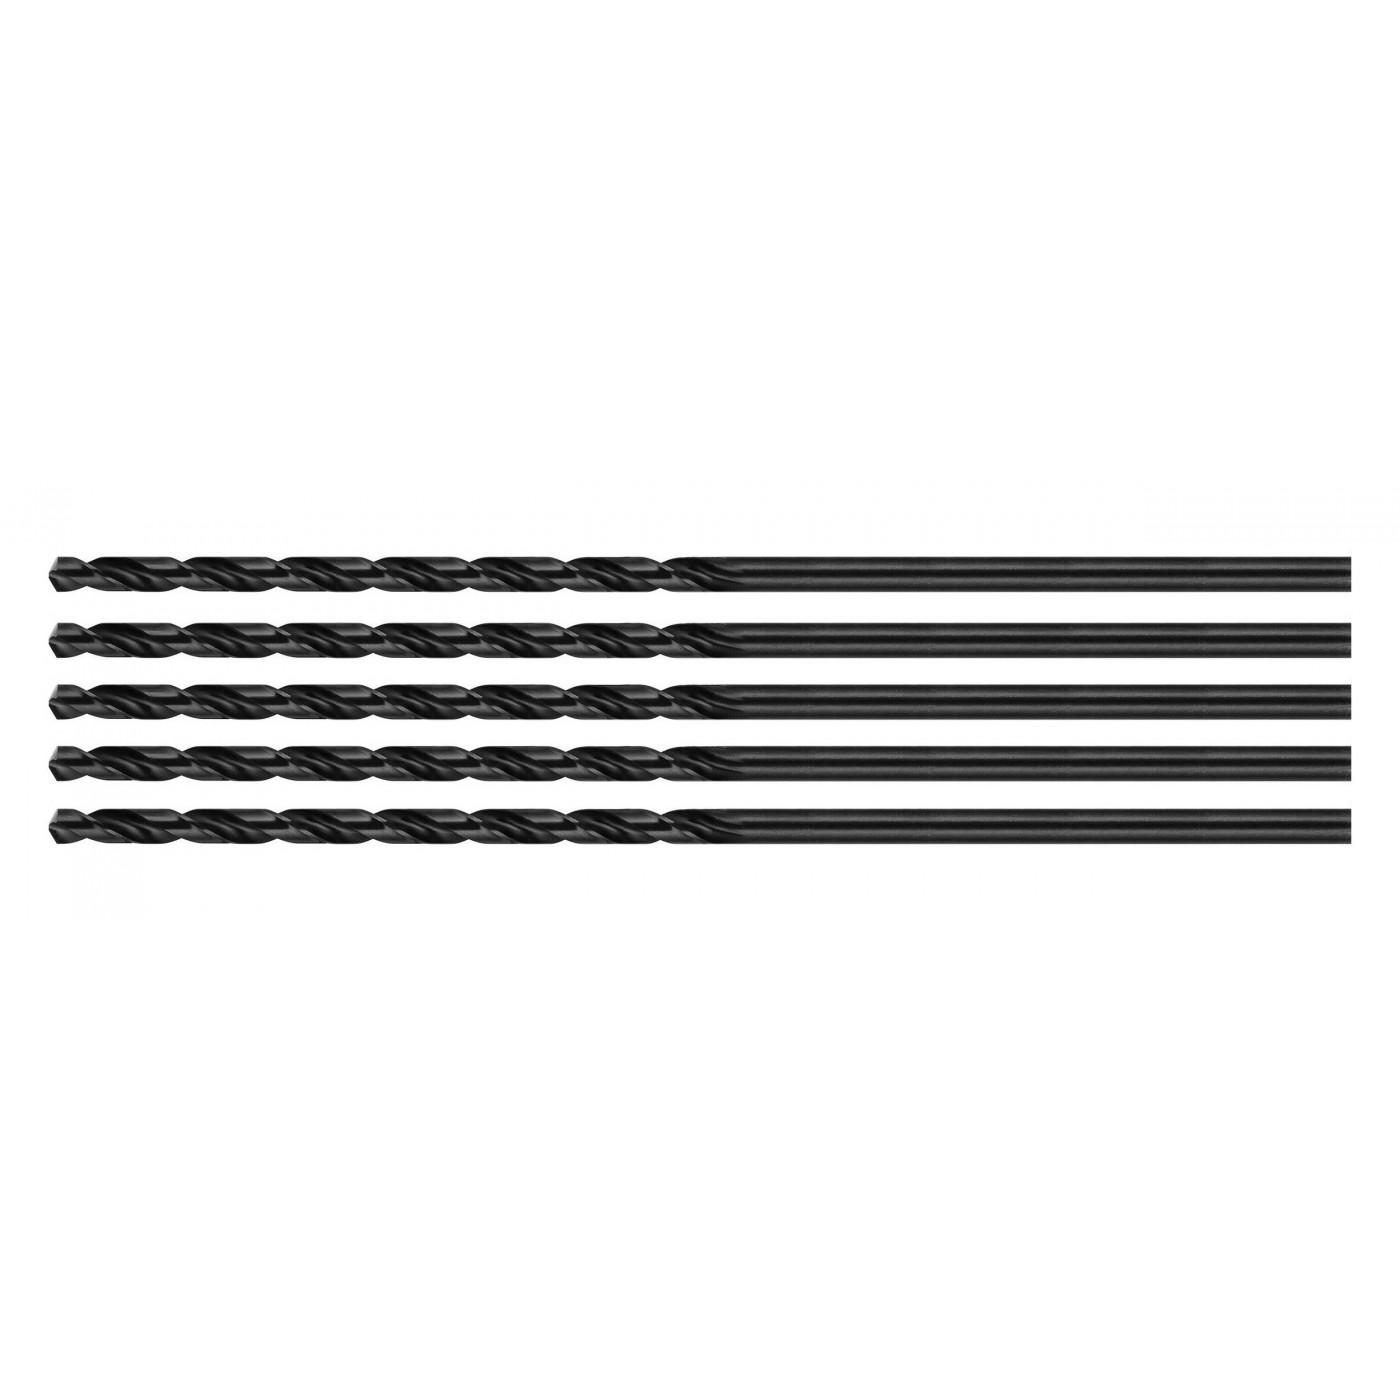 Conjunto de 5 brocas de metal, extra-longas (4,2x300 mm)  - 1